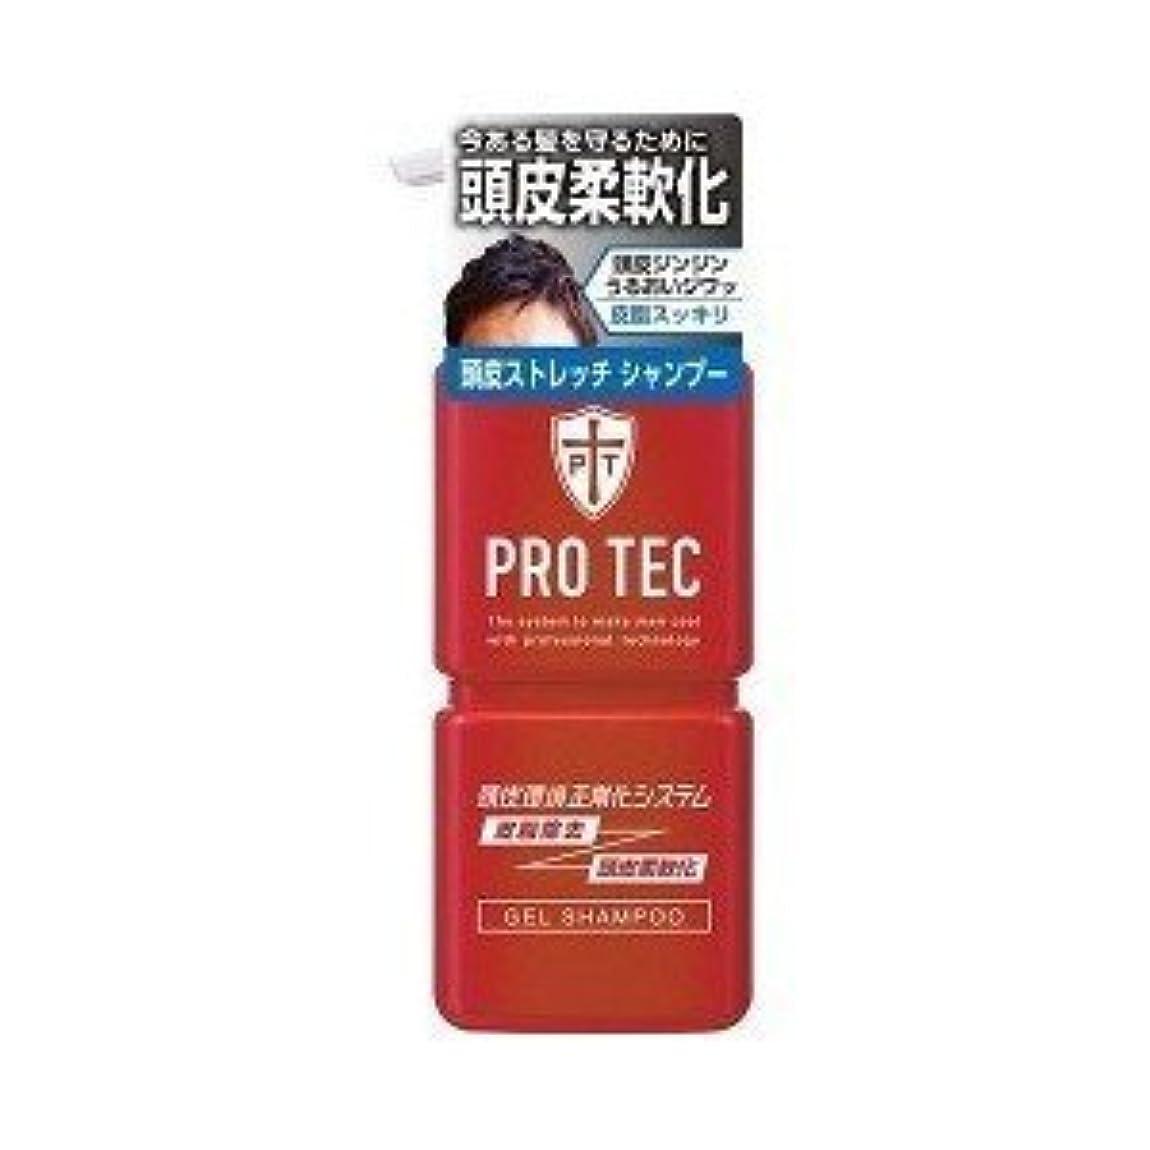 亡命以降花束(ライオン)PRO TEC(プロテク) 頭皮ストレッチ シャンプー ポンプ 300g(医薬部外品)